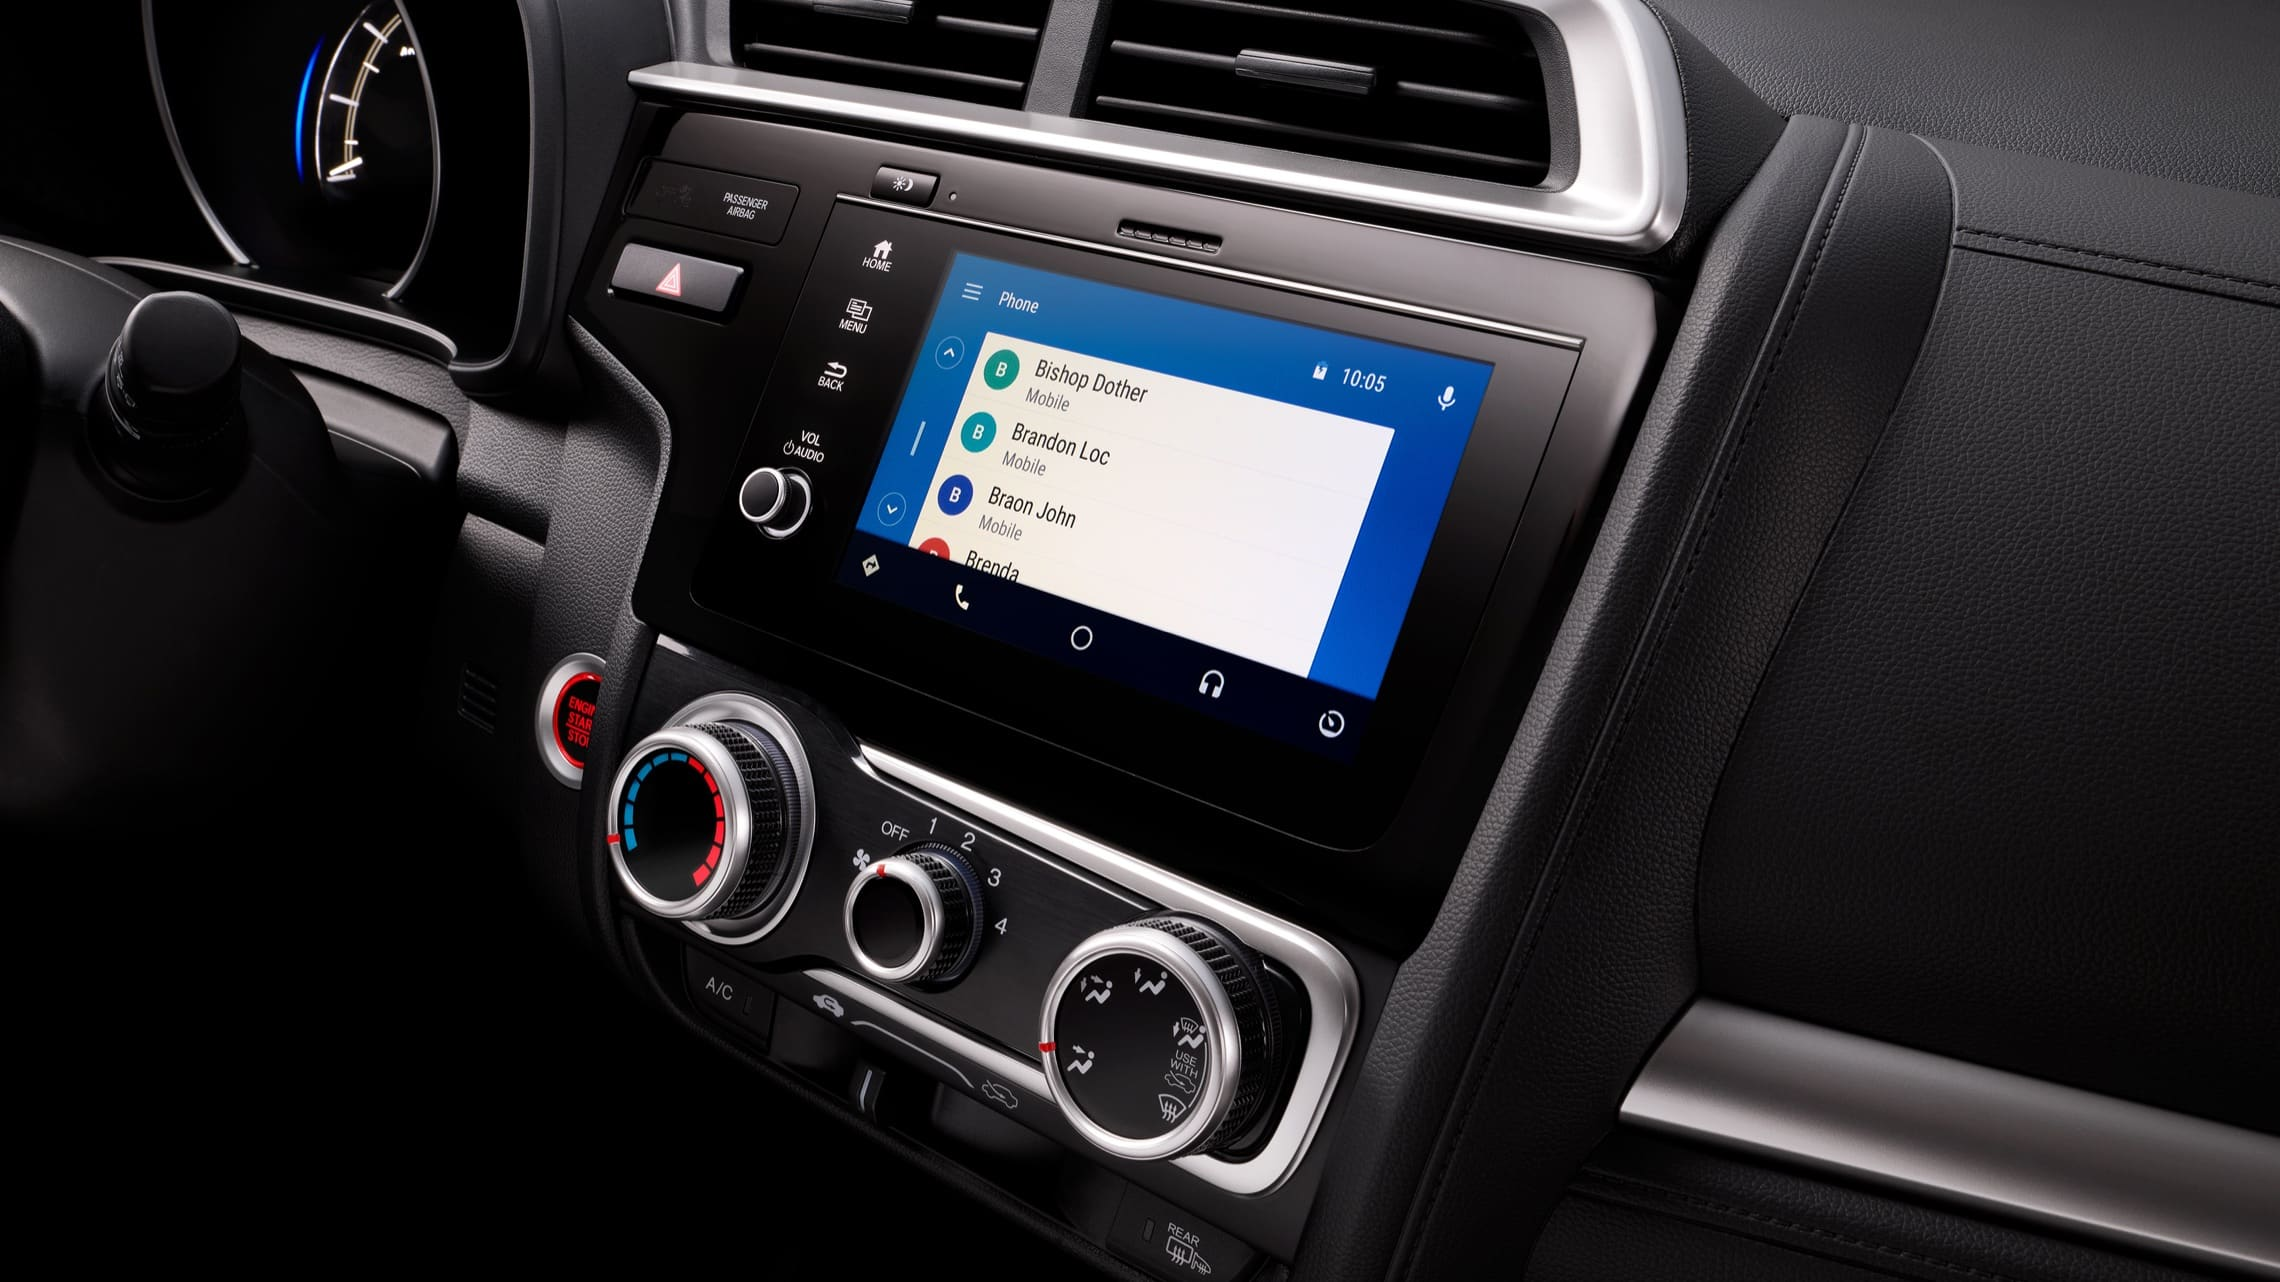 Detalle del sistema de audio en pantalla táctil con Android Auto™ en el Honda Fit2020.